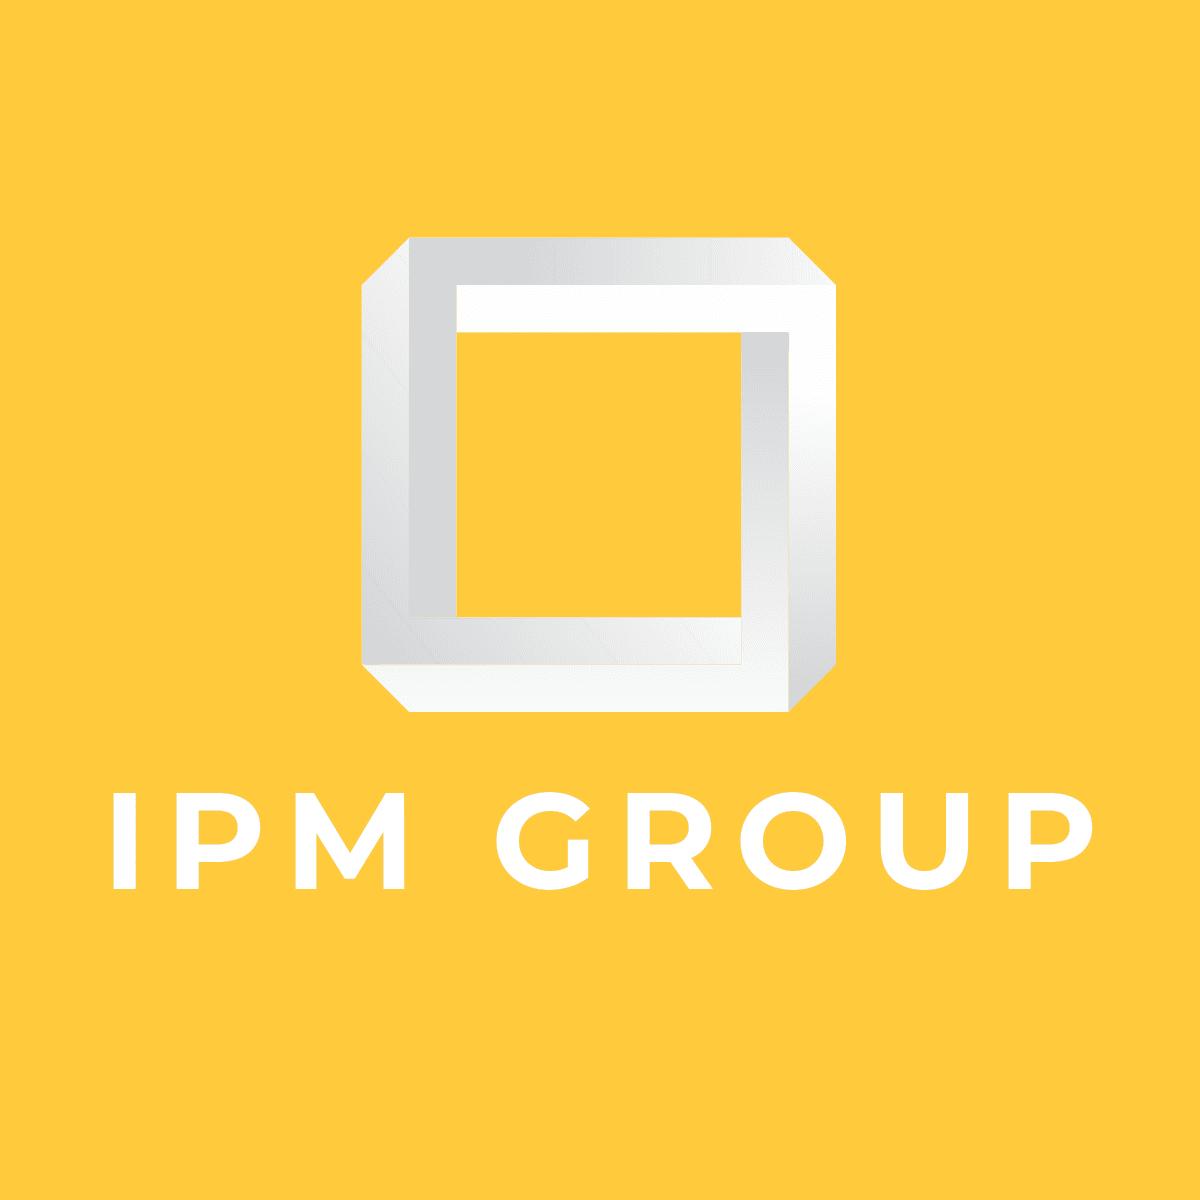 Разработка логотипа для управляющей компании фото f_8745f830aa0095c7.png